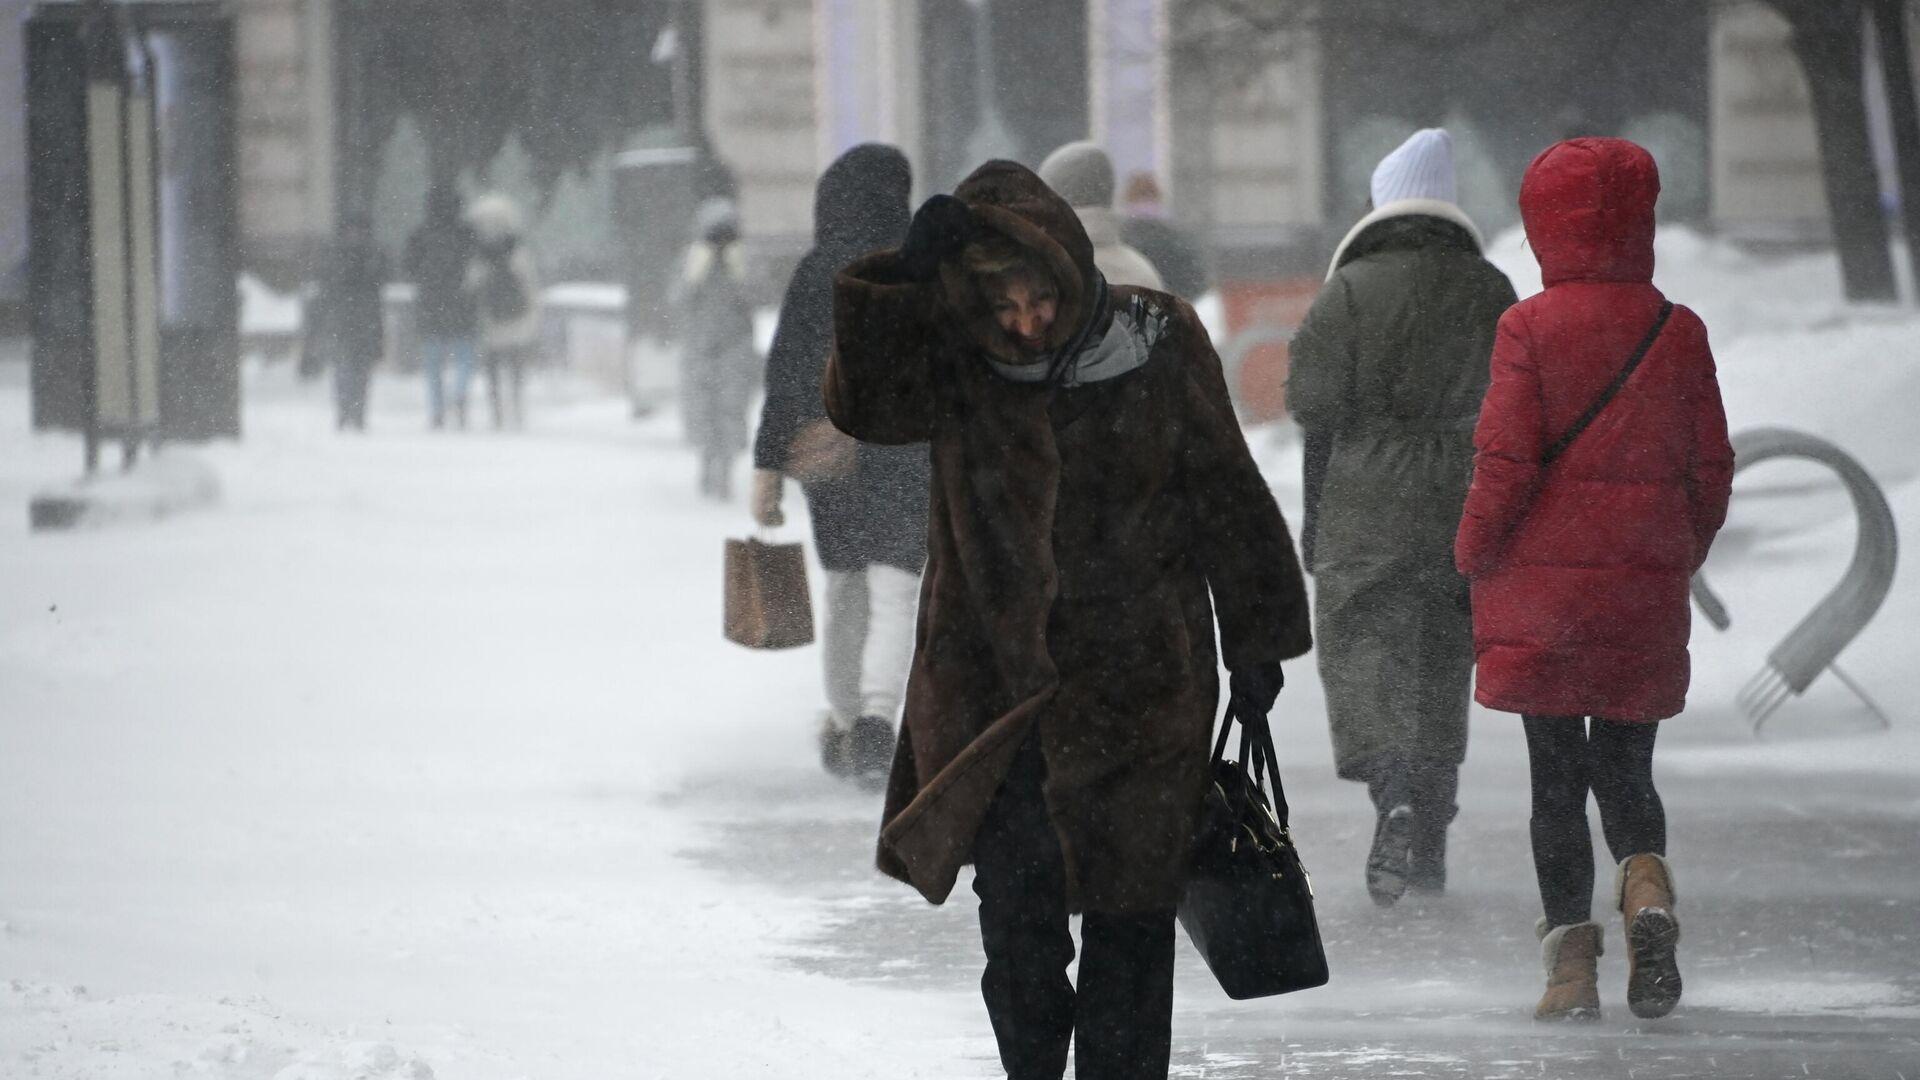 Прохожие во время снегопада в центре Москвы - РИА Новости, 1920, 26.02.2021